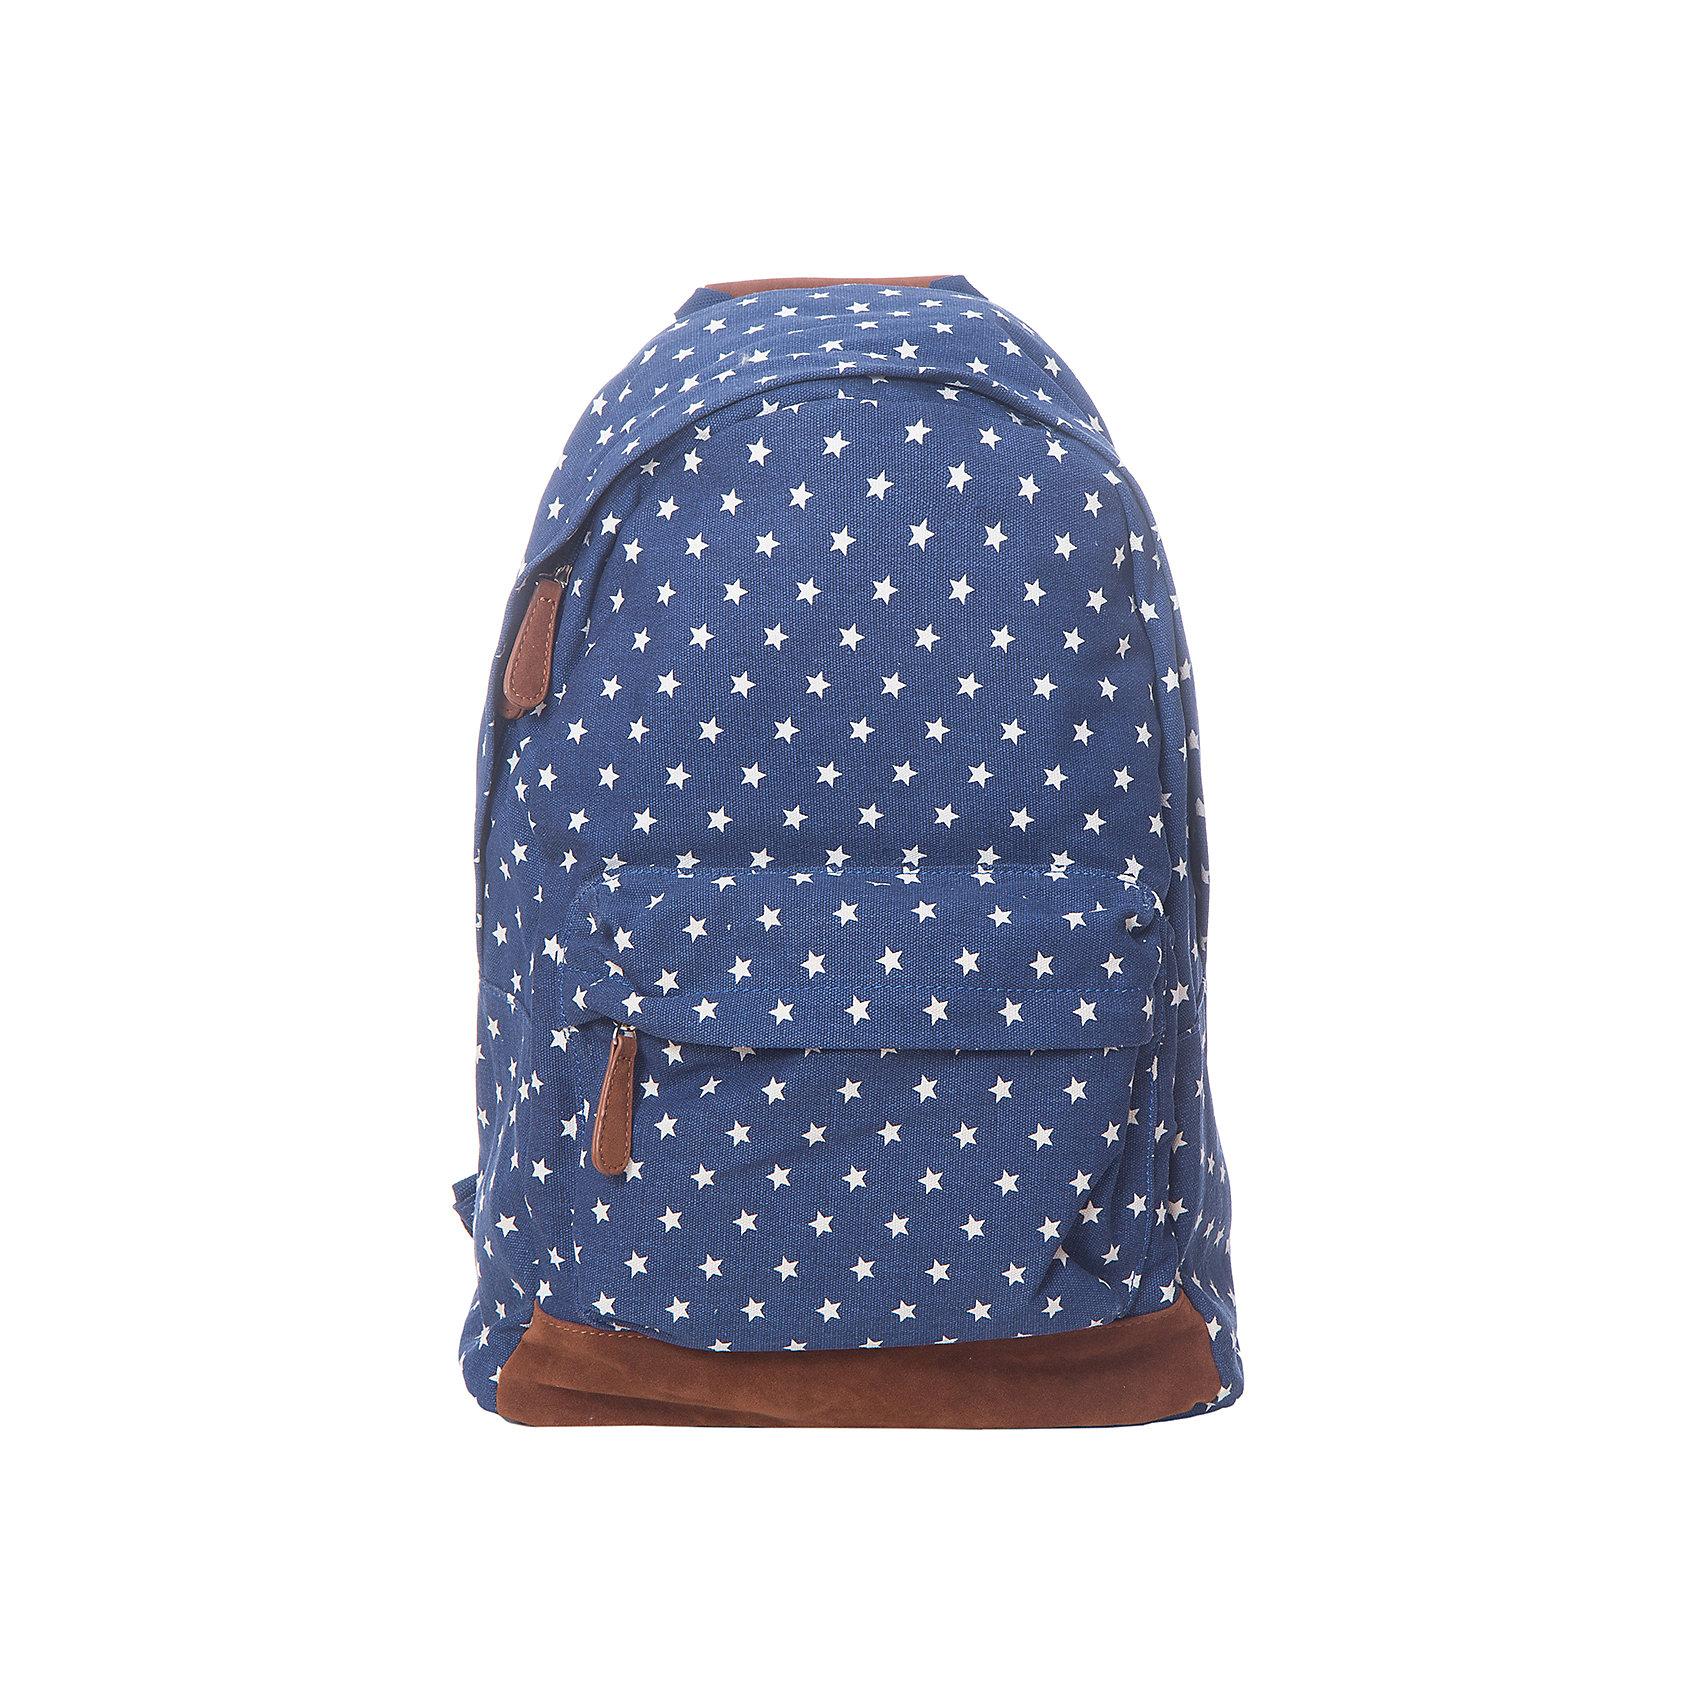 Рюкзак  BUTTON BLUEАксессуары<br>Рюкзак  BUTTON BLUE<br>Мягкие текстильные рюкзаки - хит сезона! Они с легкостью вытеснили из детского гардероба привычные сумки через плечо, сделав весенне-летний образ ребенка более спортивным и динамичным. Не сомневайтесь, желая купить недорого стильный детский рюкзак отличного качества! Это возможно! Синий рюкзак с мелким рисунком от Button Blue - прекрасный летний вариант для комфорта и настроения.<br>Состав:<br>канвас, искусственная замша<br><br>Ширина мм: 227<br>Глубина мм: 11<br>Высота мм: 226<br>Вес г: 350<br>Цвет: синий<br>Возраст от месяцев: 0<br>Возраст до месяцев: 168<br>Пол: Унисекс<br>Возраст: Детский<br>Размер: one size<br>SKU: 5523946